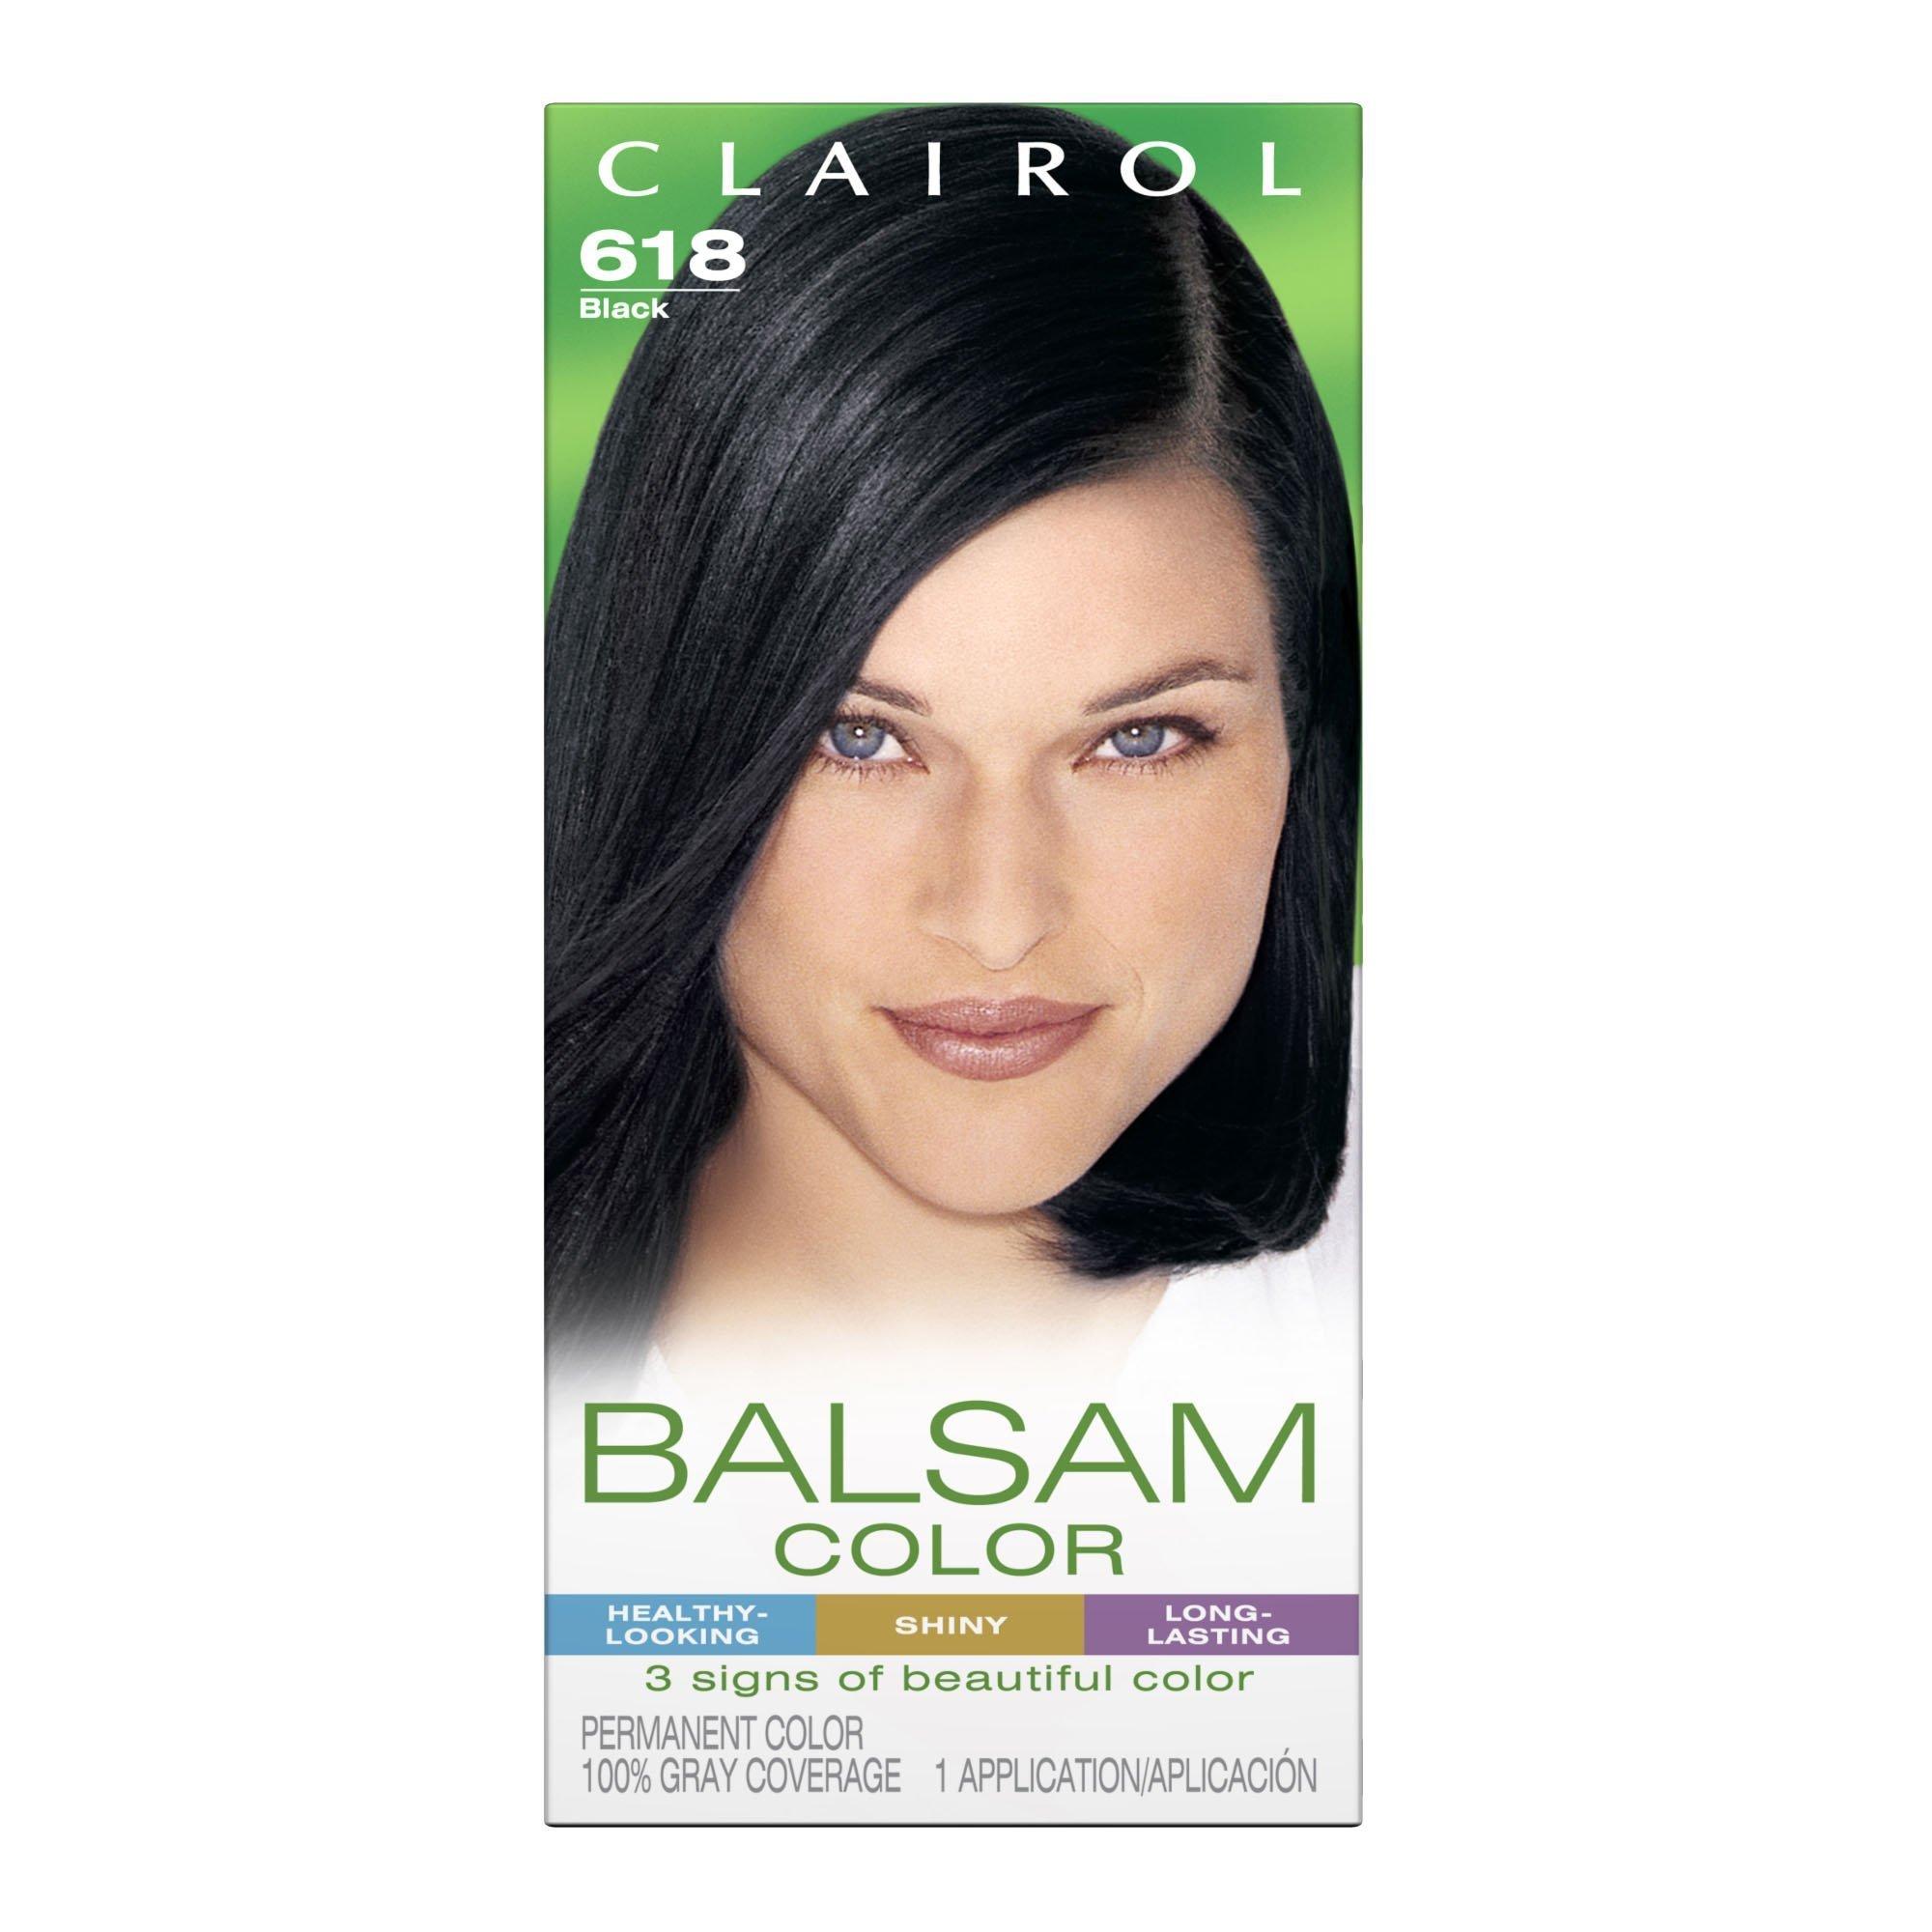 Clairol Balsam Color Black 618 1 ea